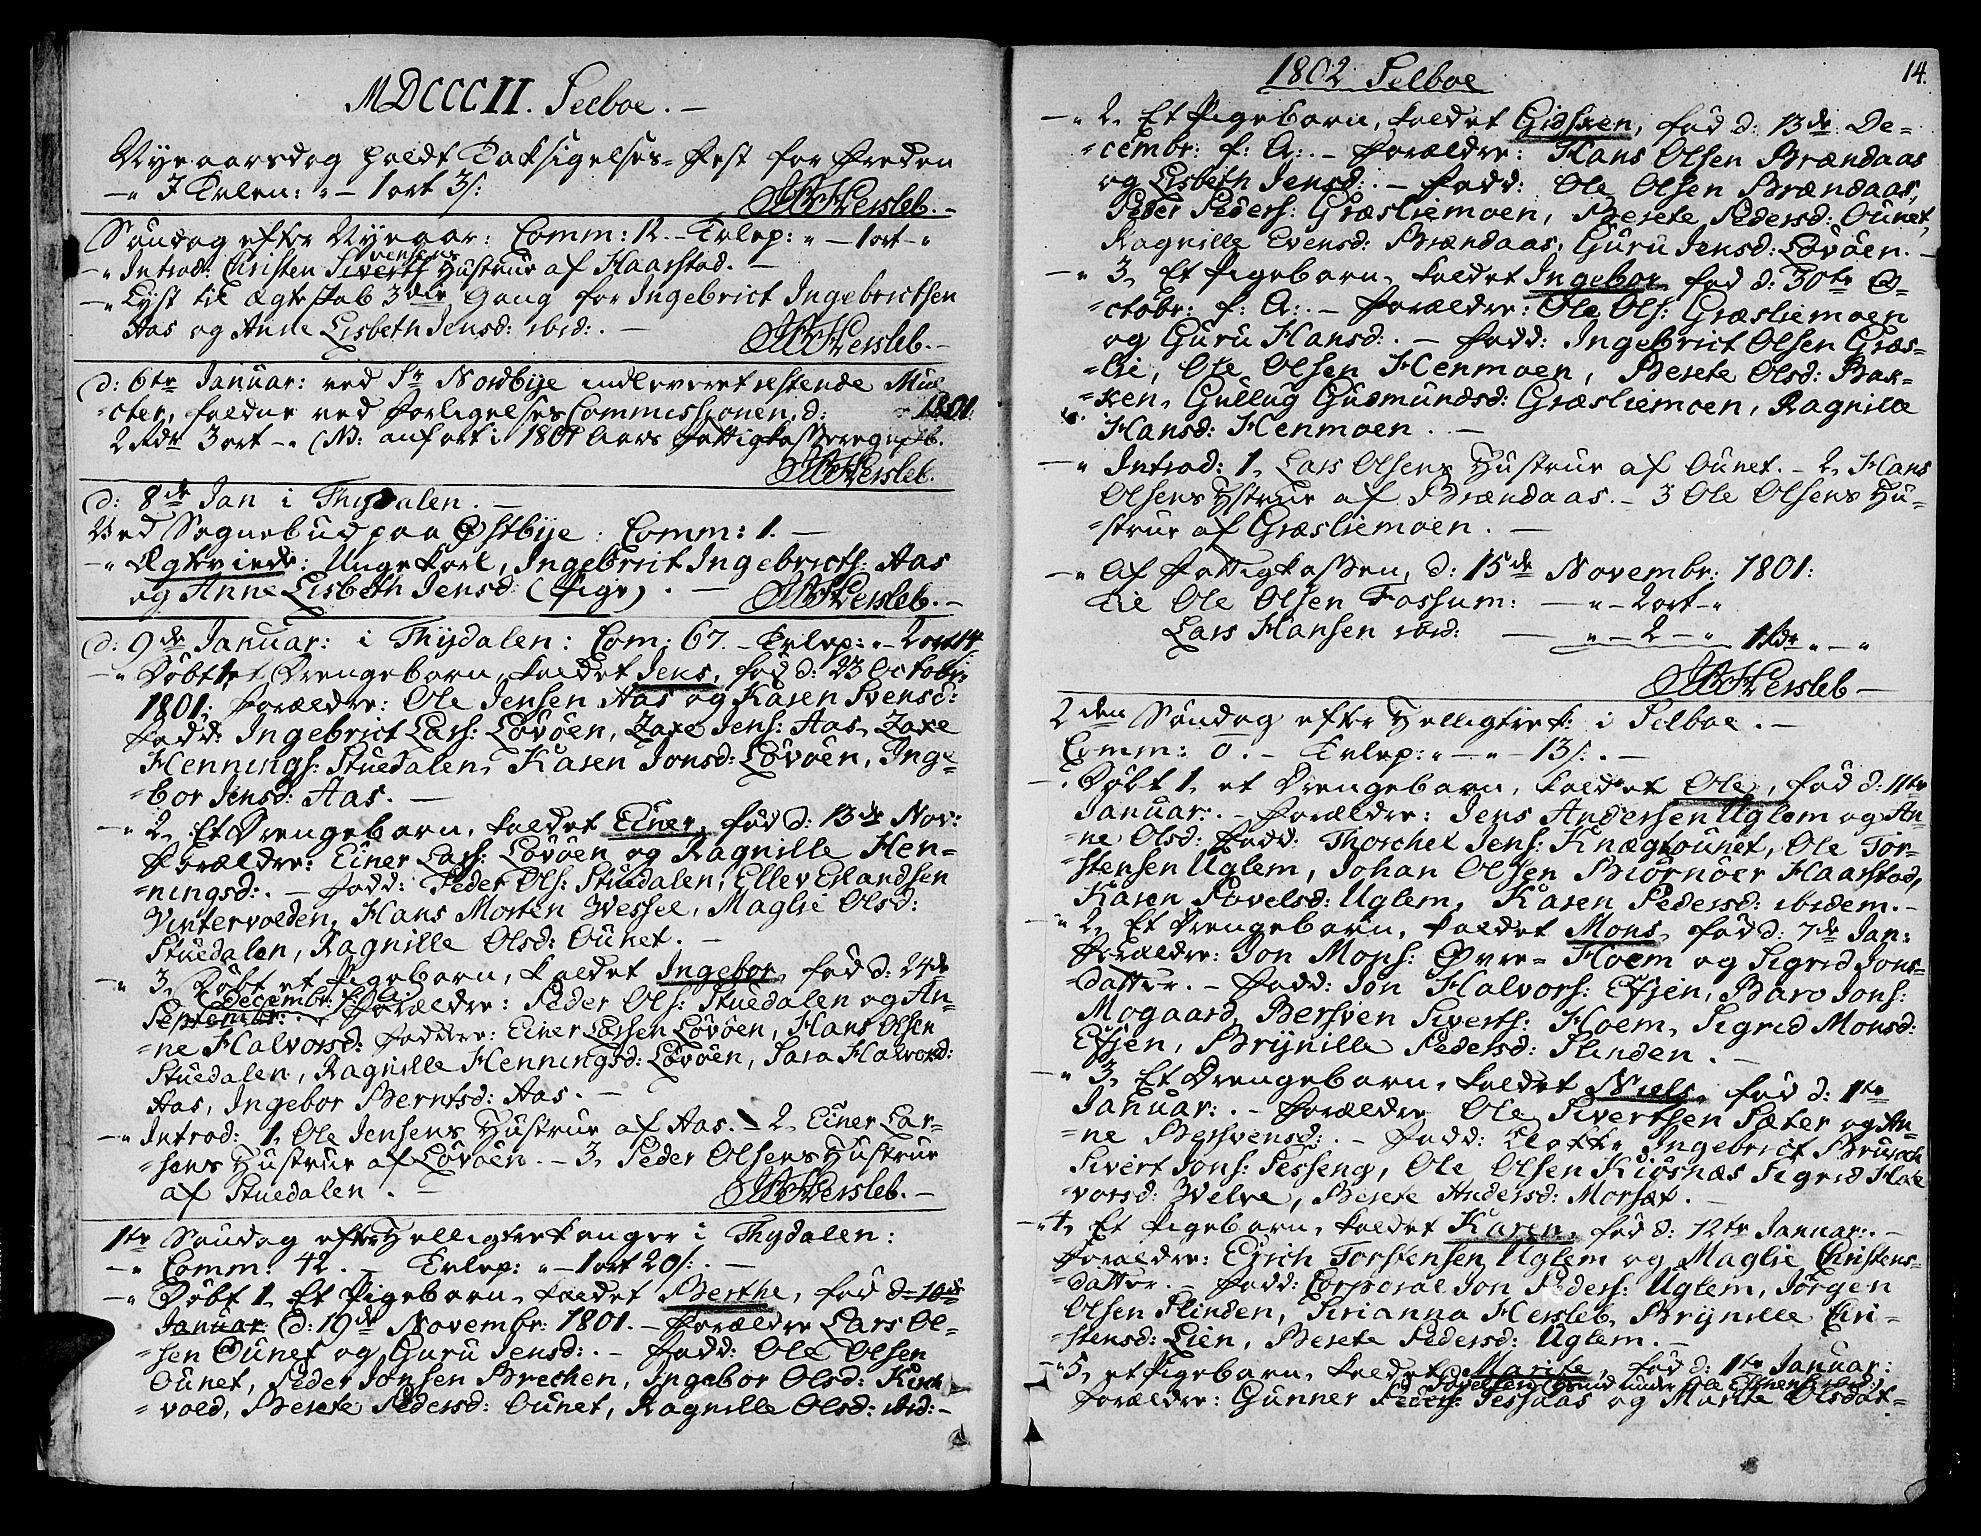 SAT, Ministerialprotokoller, klokkerbøker og fødselsregistre - Sør-Trøndelag, 695/L1140: Ministerialbok nr. 695A03, 1801-1815, s. 14